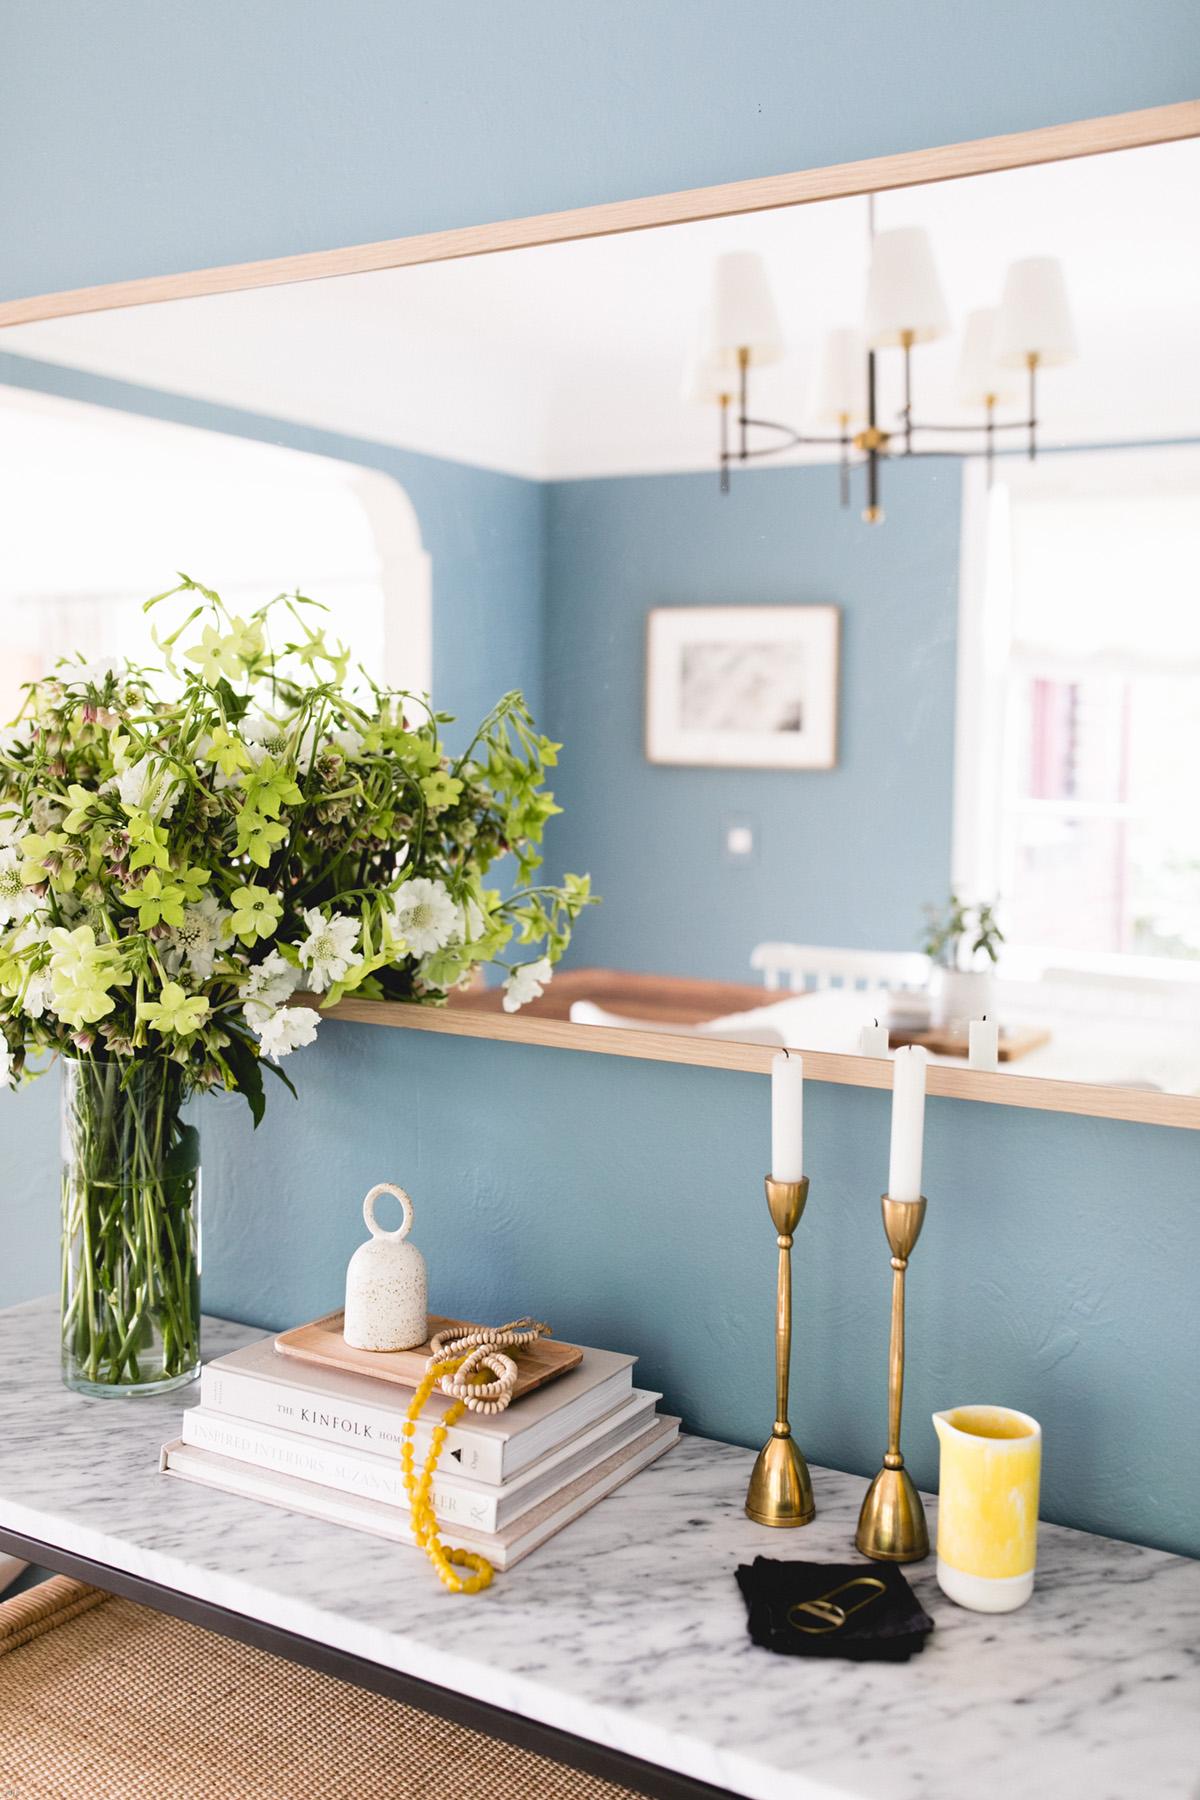 كيفية اختيار ألوان الطلاء لأي غرفة دهانات ppg دفق هادئ أزرق لون غرفة الطعام الطلاء